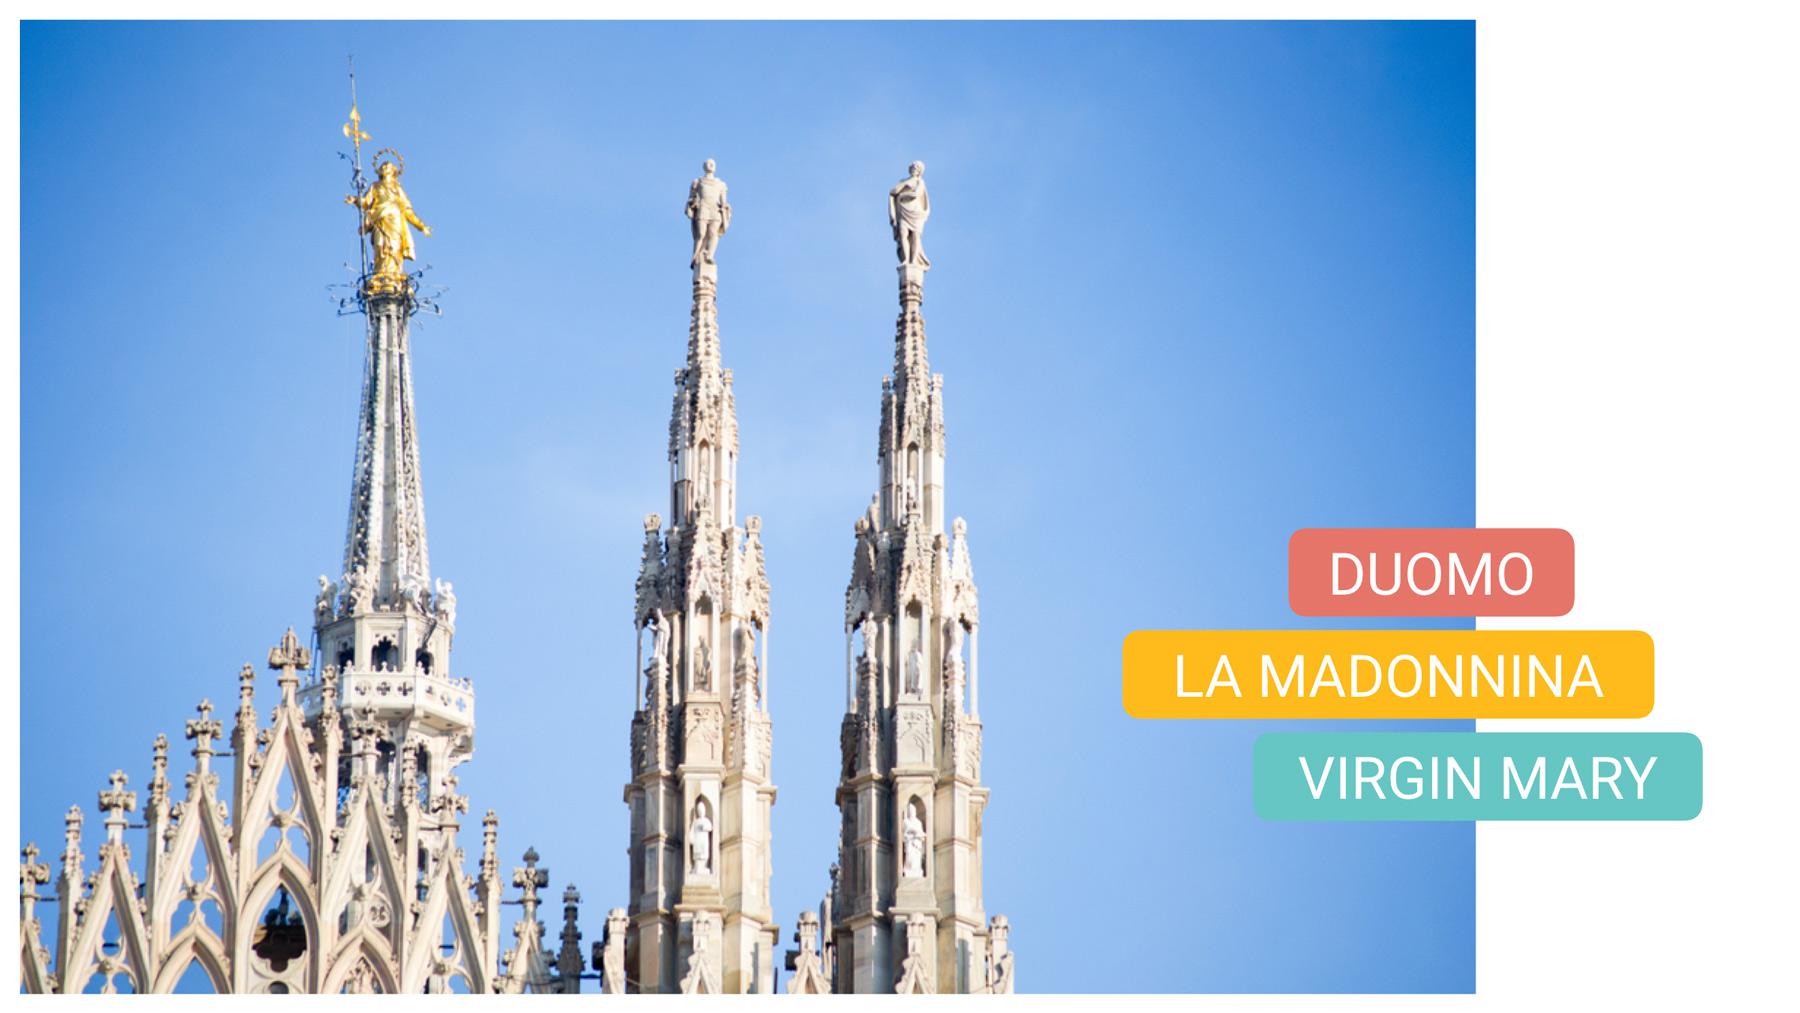 visit-duomo-milan-cathedral-bike-tour-what-to-see-in-milan-madonnina